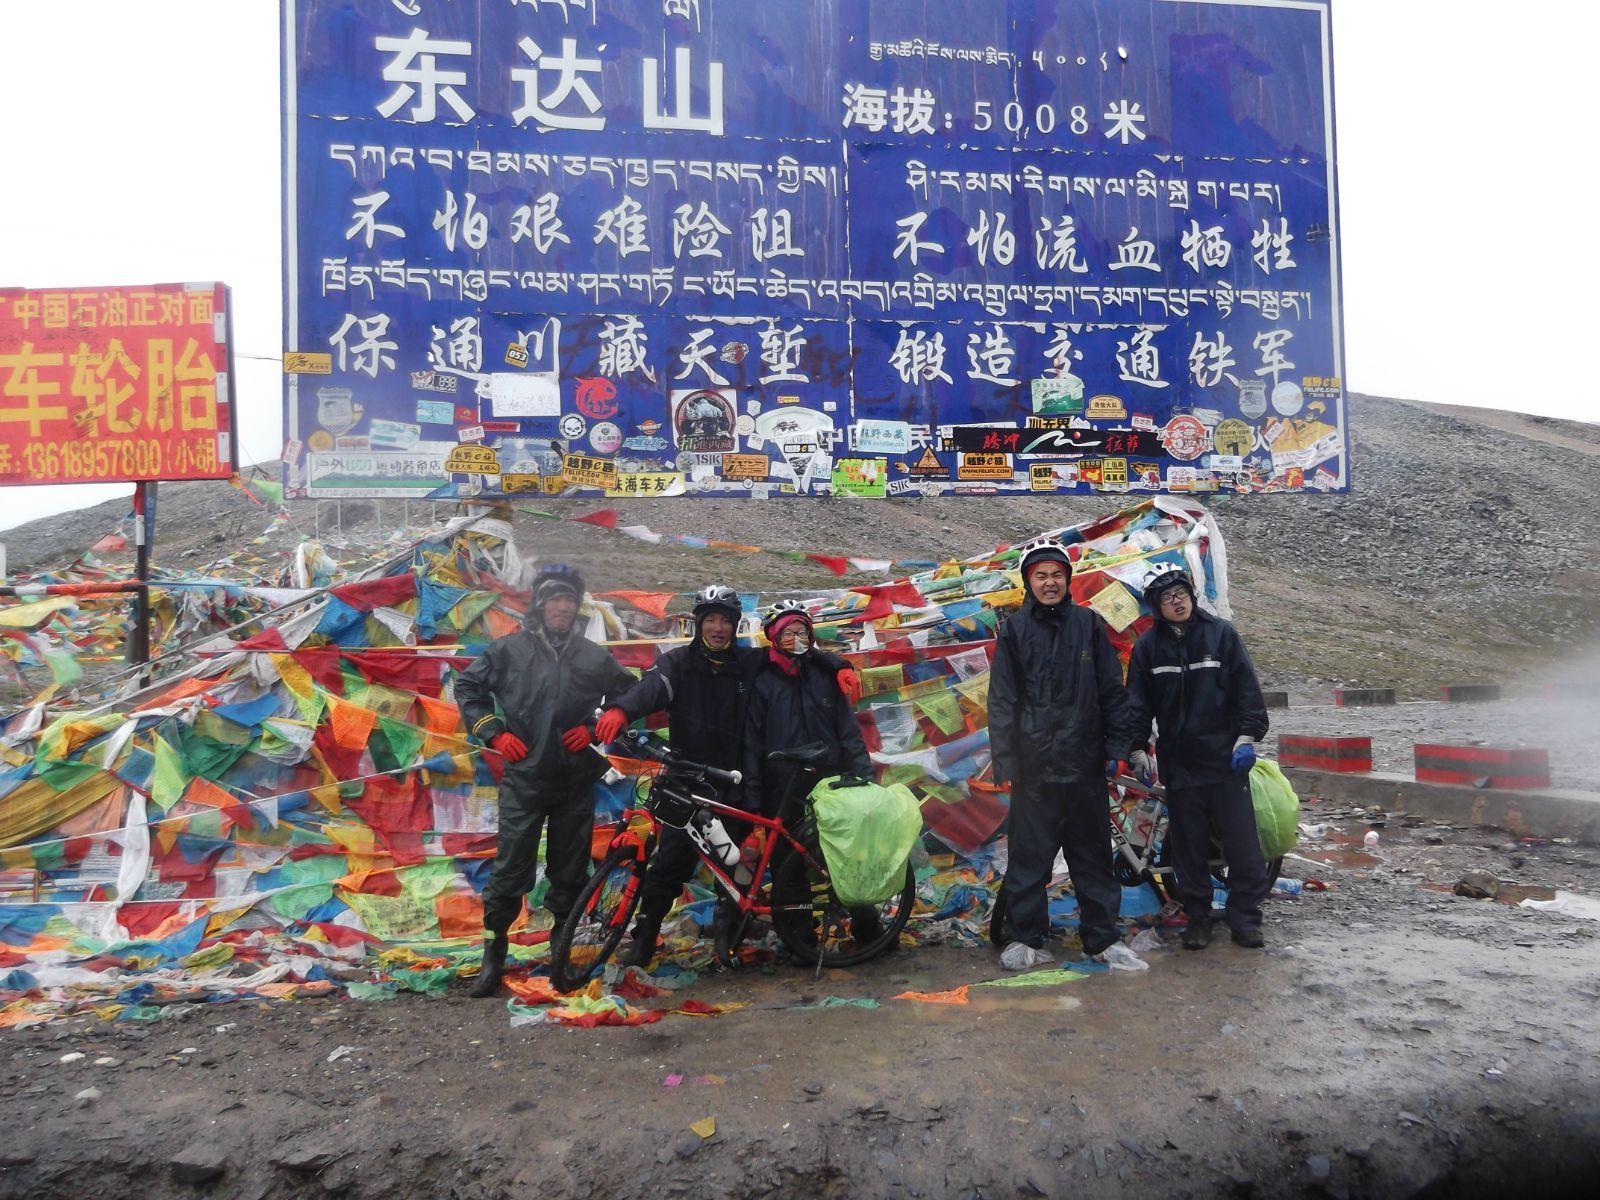 骑车去西藏:骑友骑行西藏美景图片分享 图10